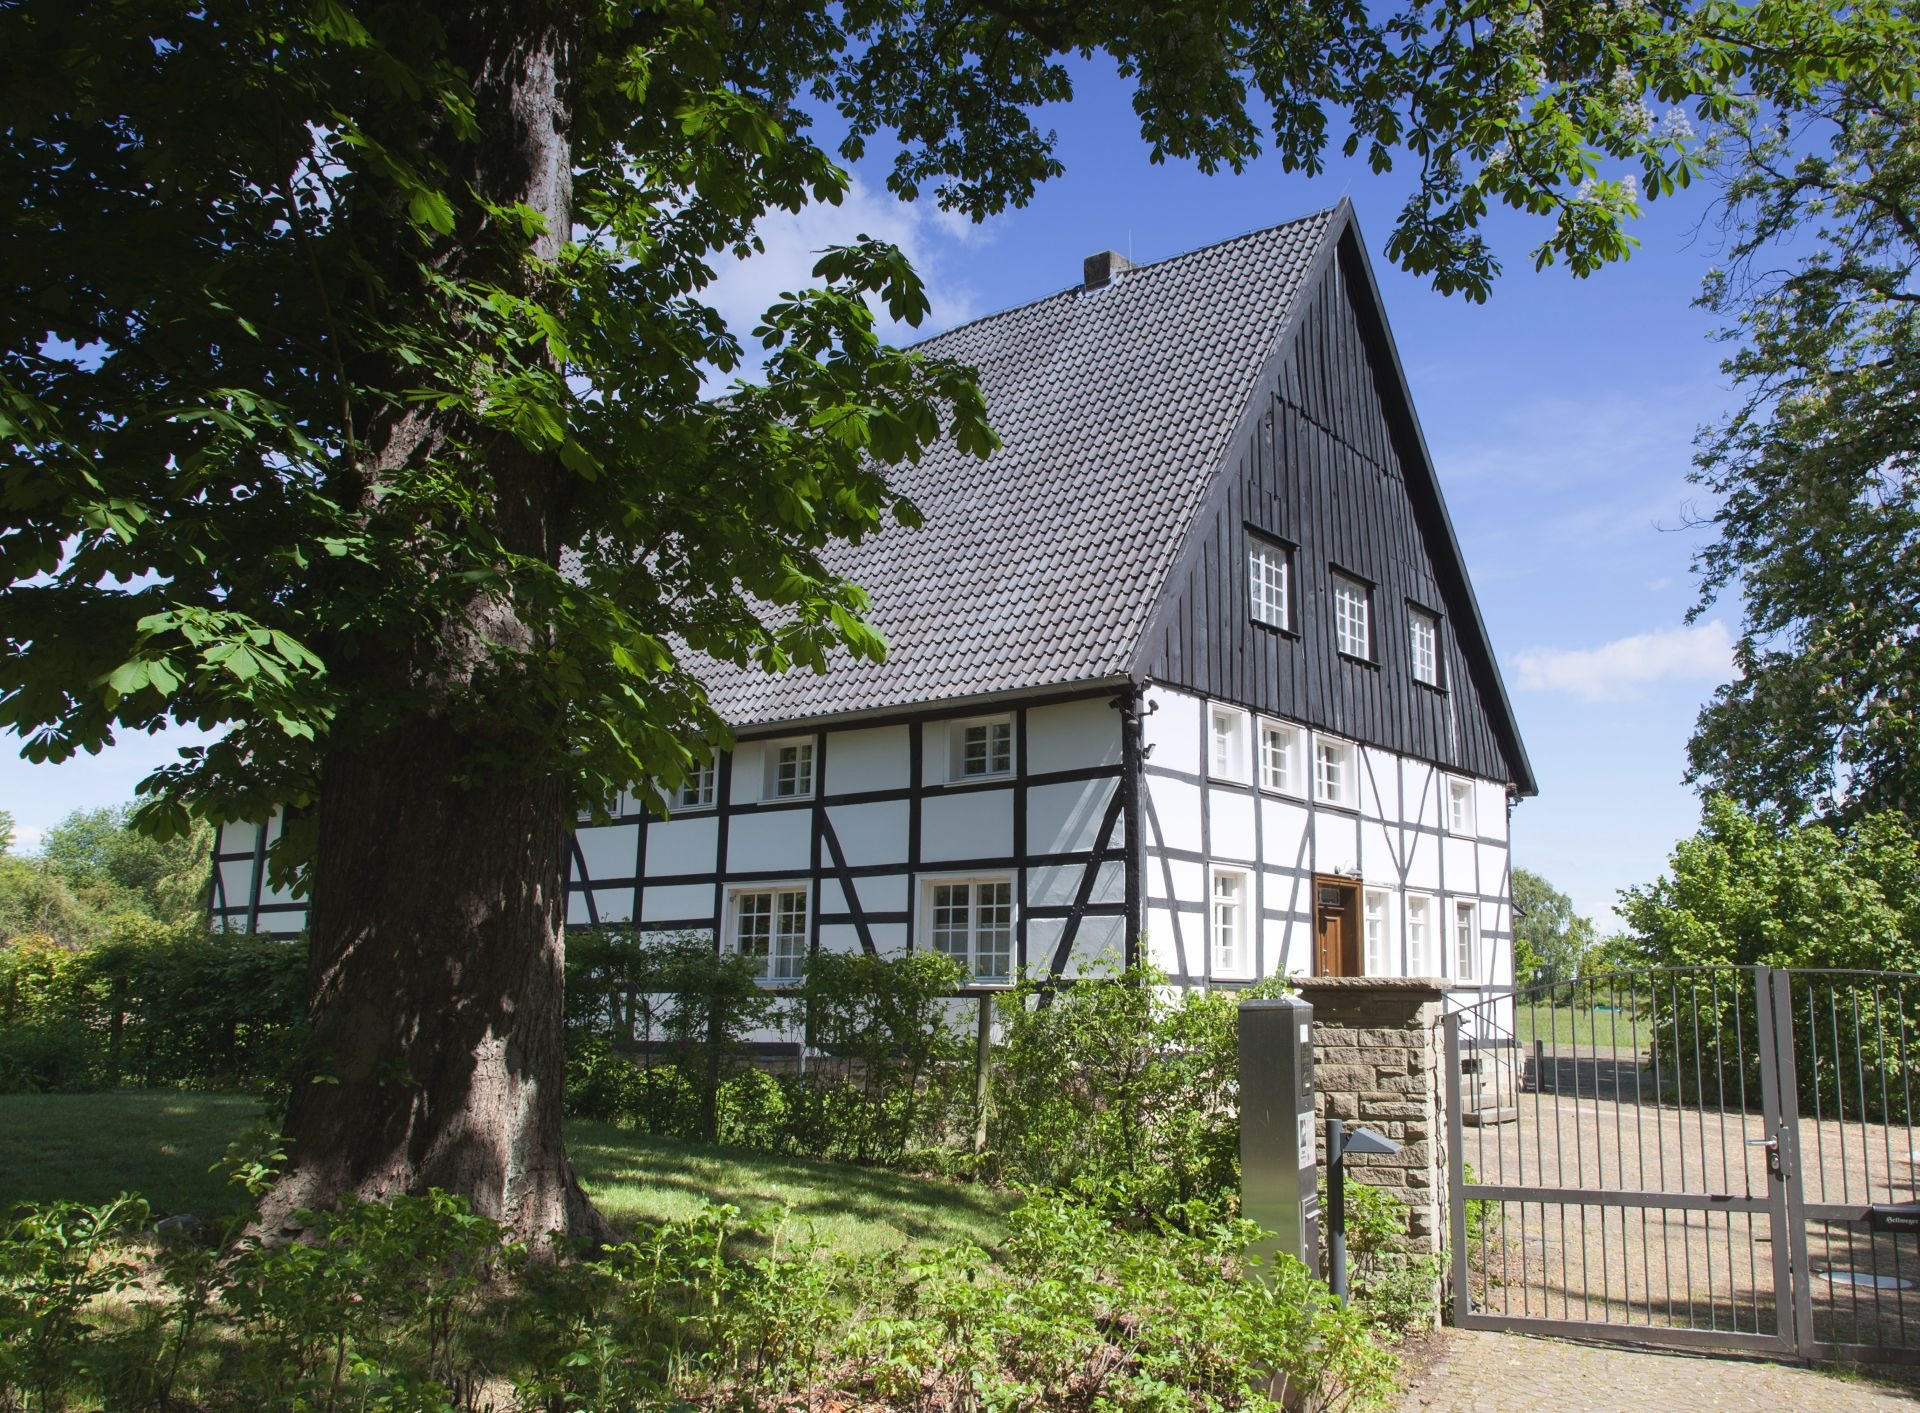 01-holzwickede-emscherquellhof-IMG 5905